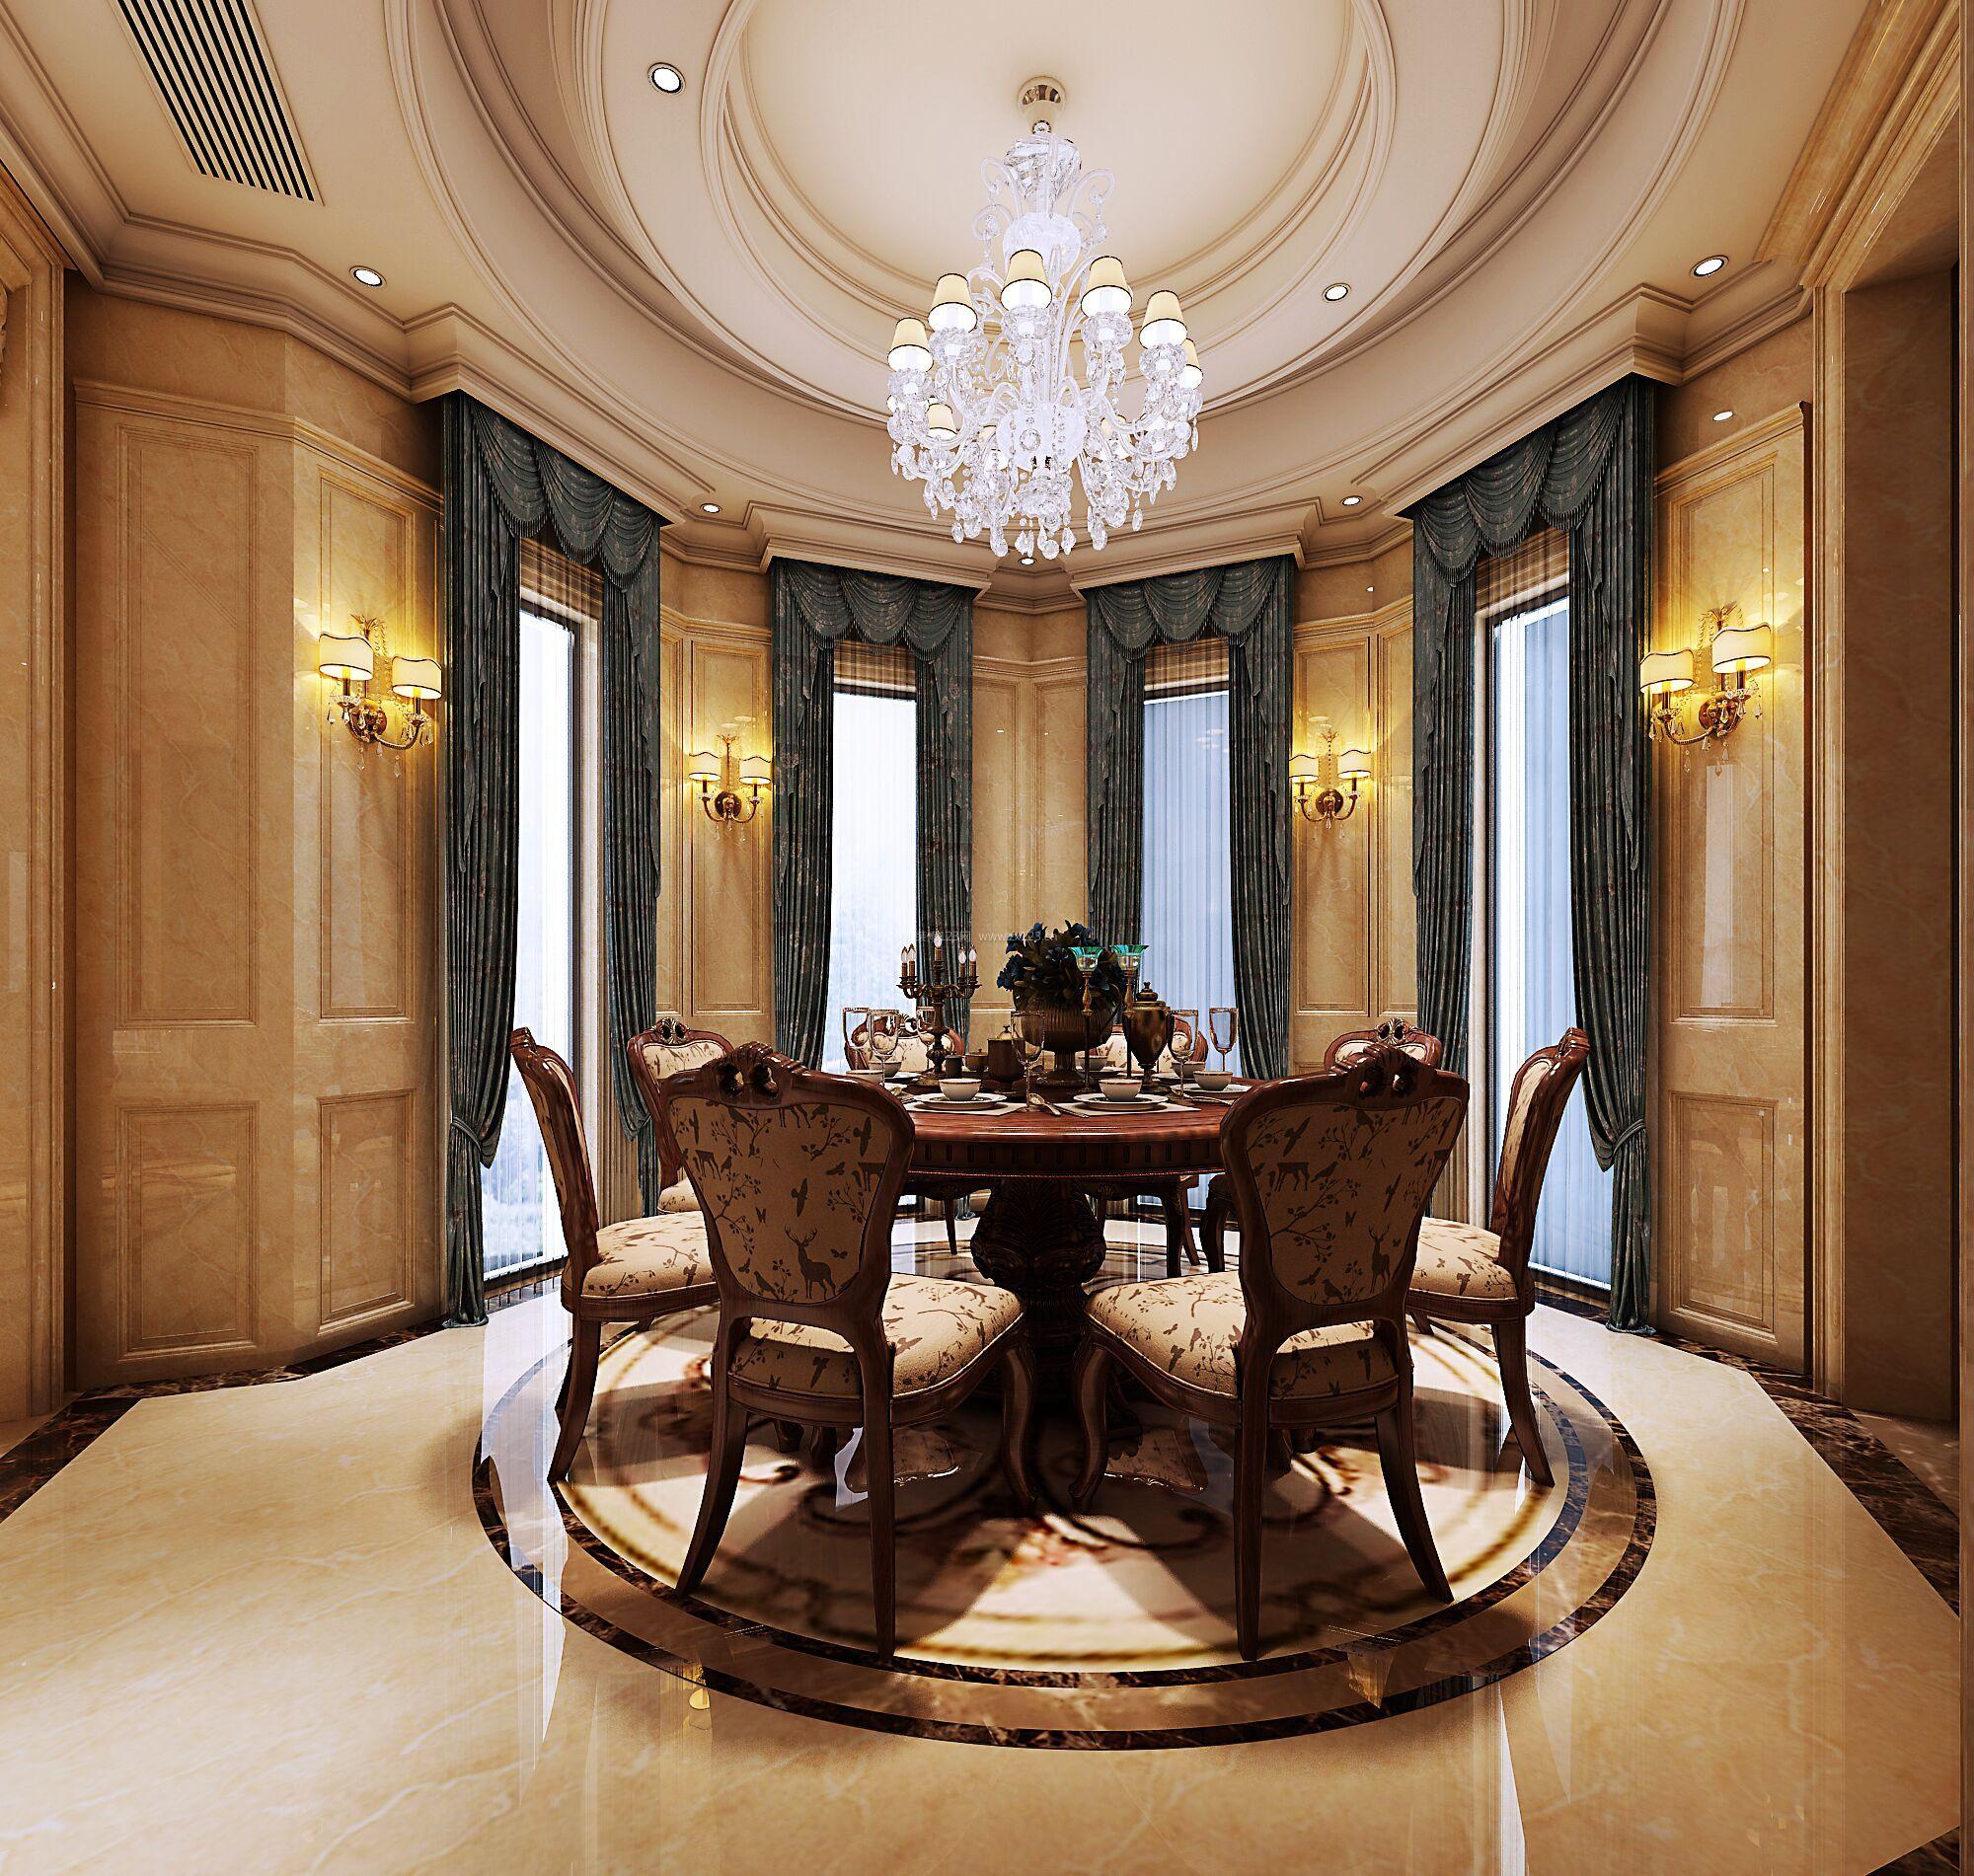 豪华欧式餐厅拼花地砖装修效果图片欣赏图片